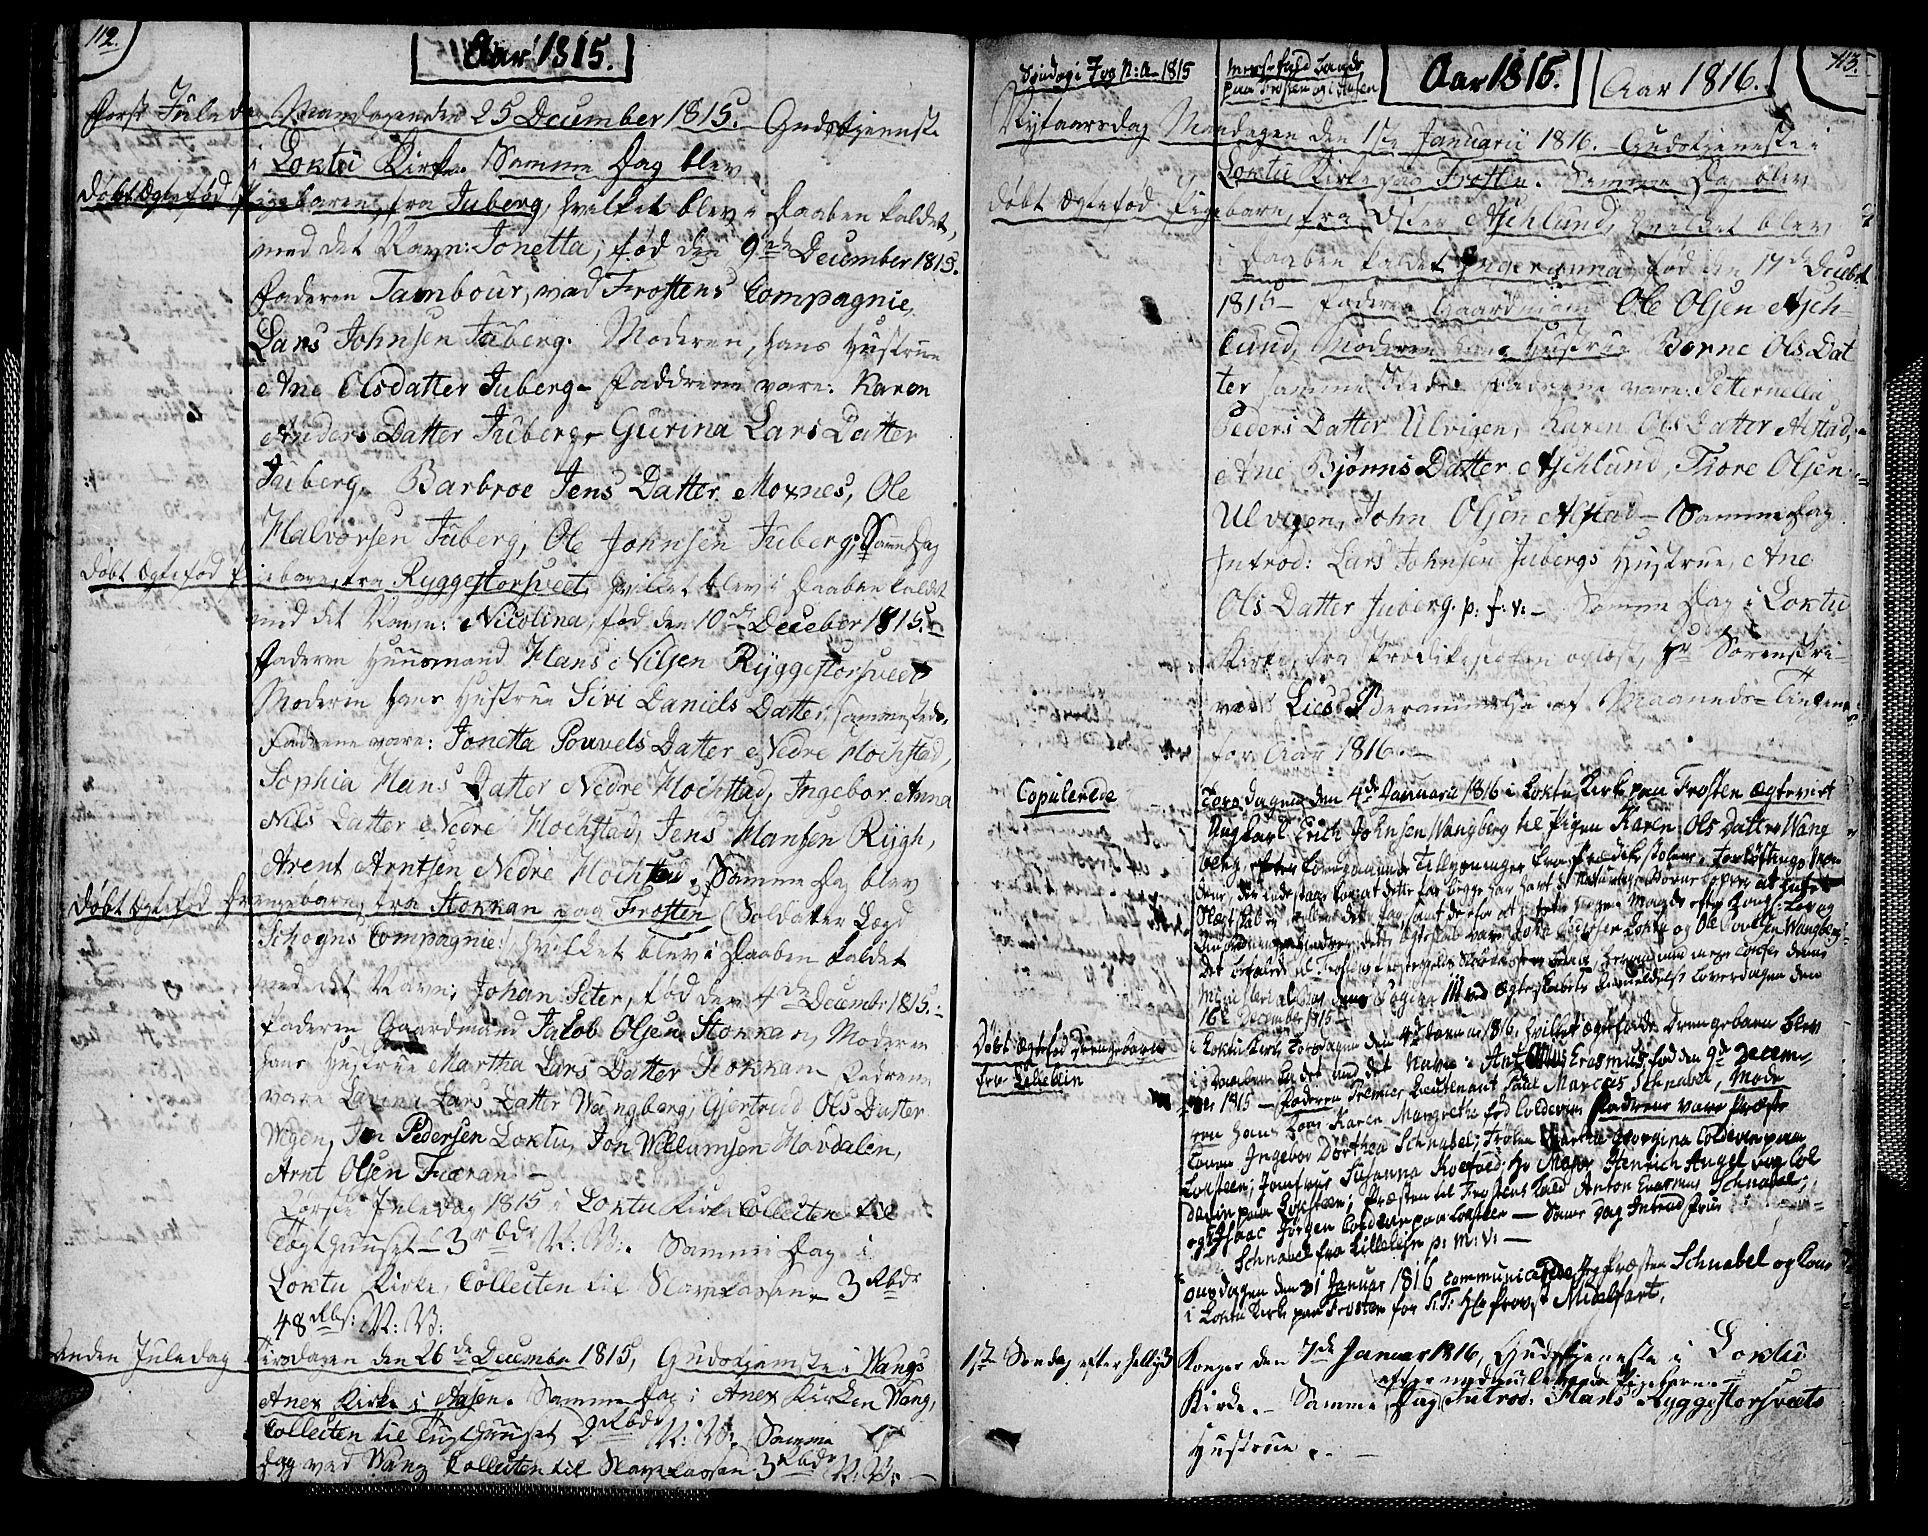 SAT, Ministerialprotokoller, klokkerbøker og fødselsregistre - Nord-Trøndelag, 713/L0111: Ministerialbok nr. 713A03, 1812-1816, s. 112-113